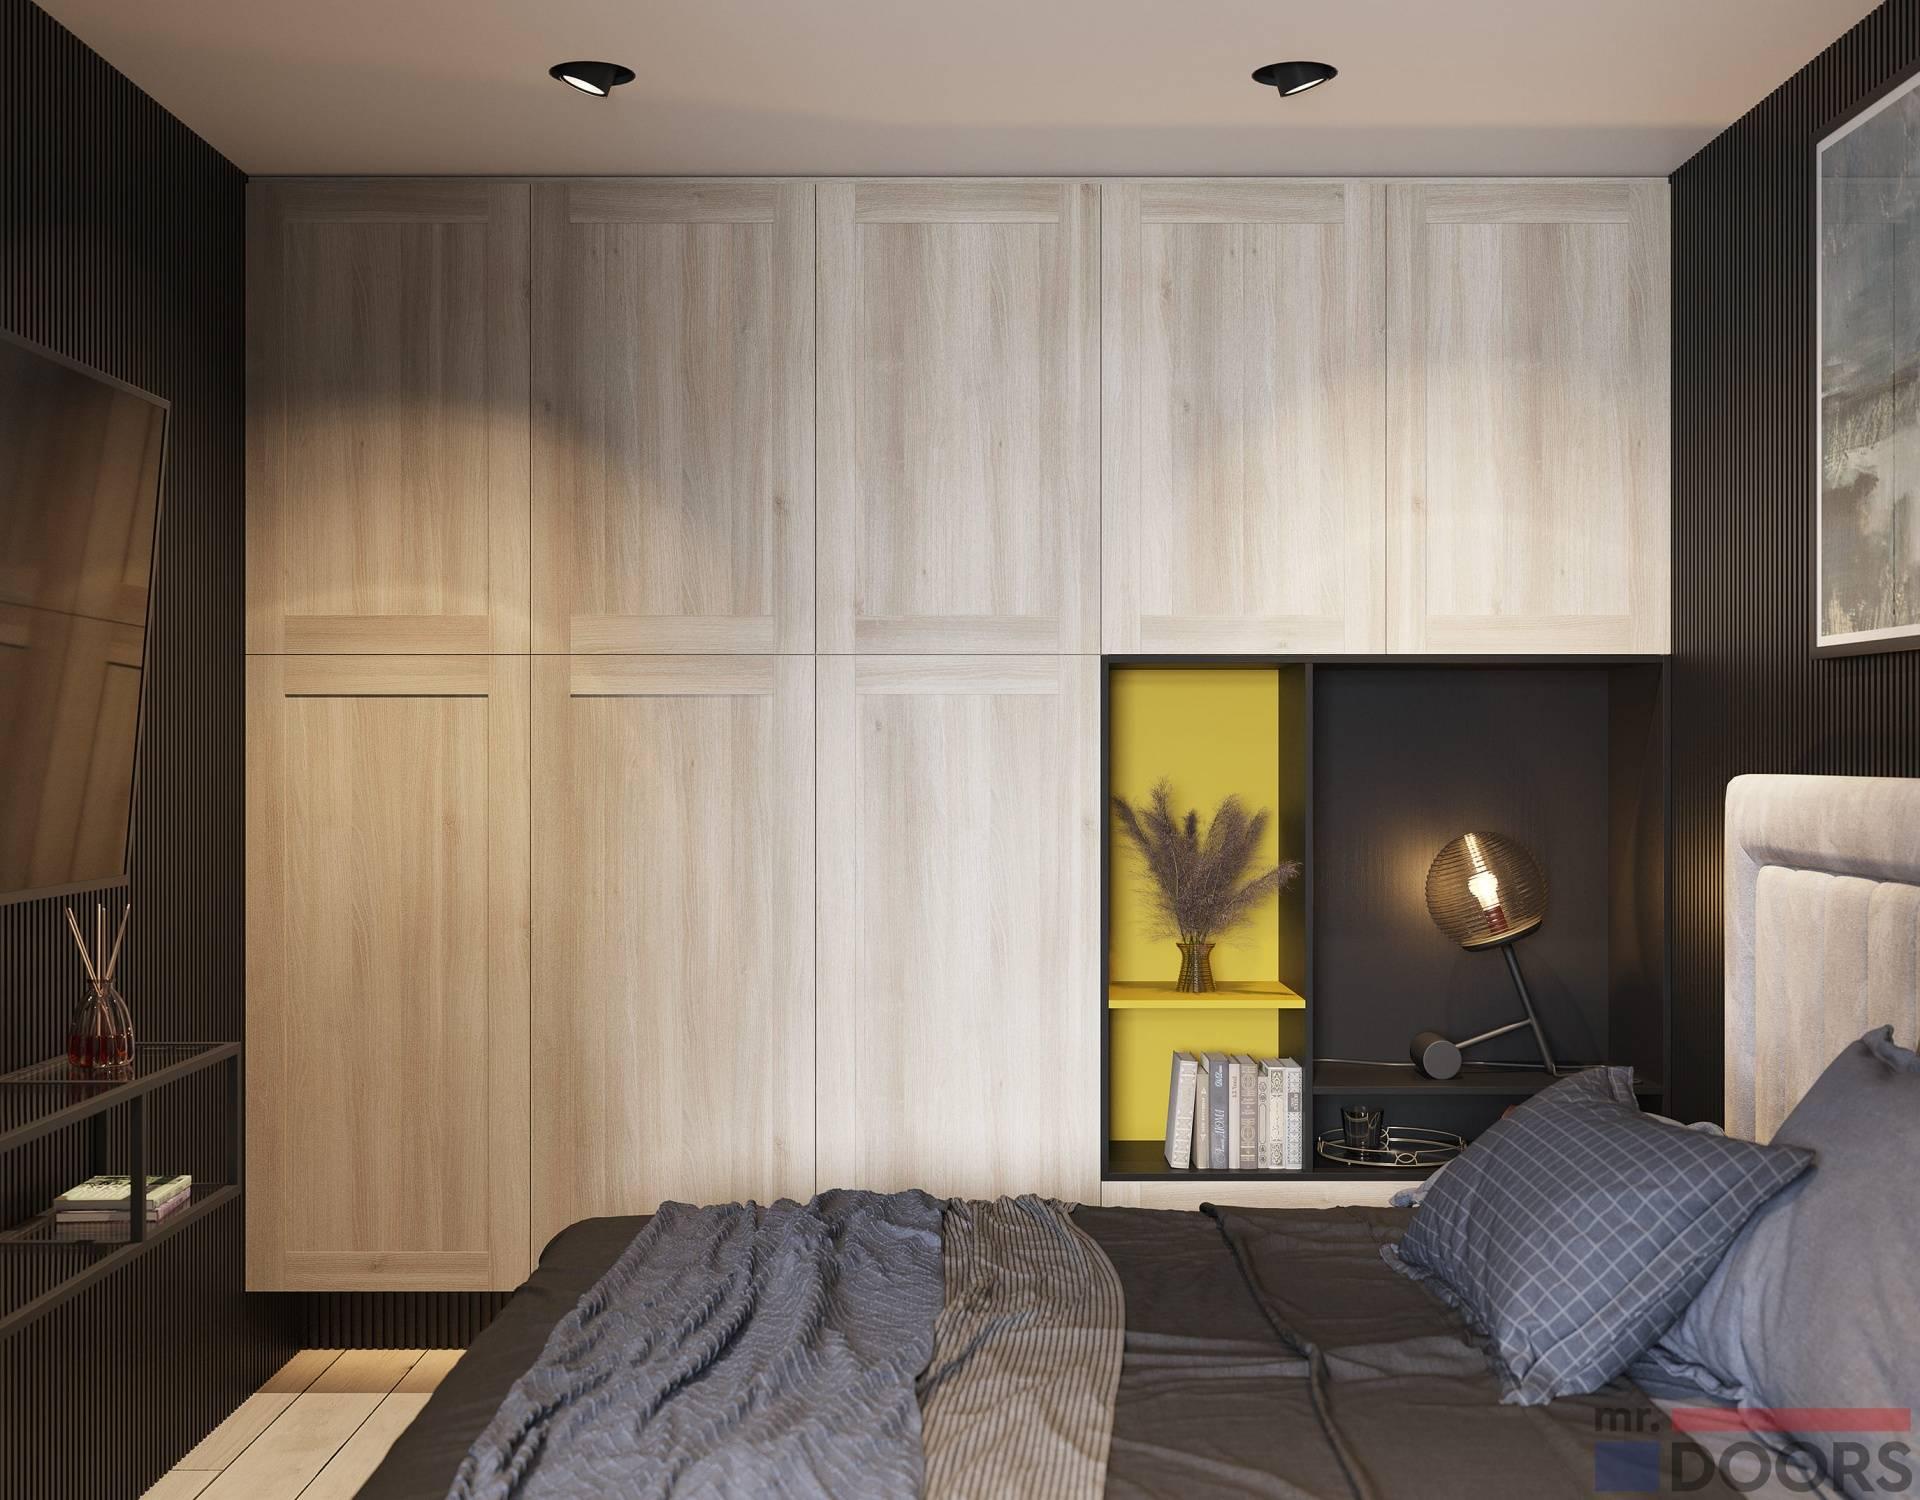 Шкаф в спальню - 50 фото идей современных моделей шкафов